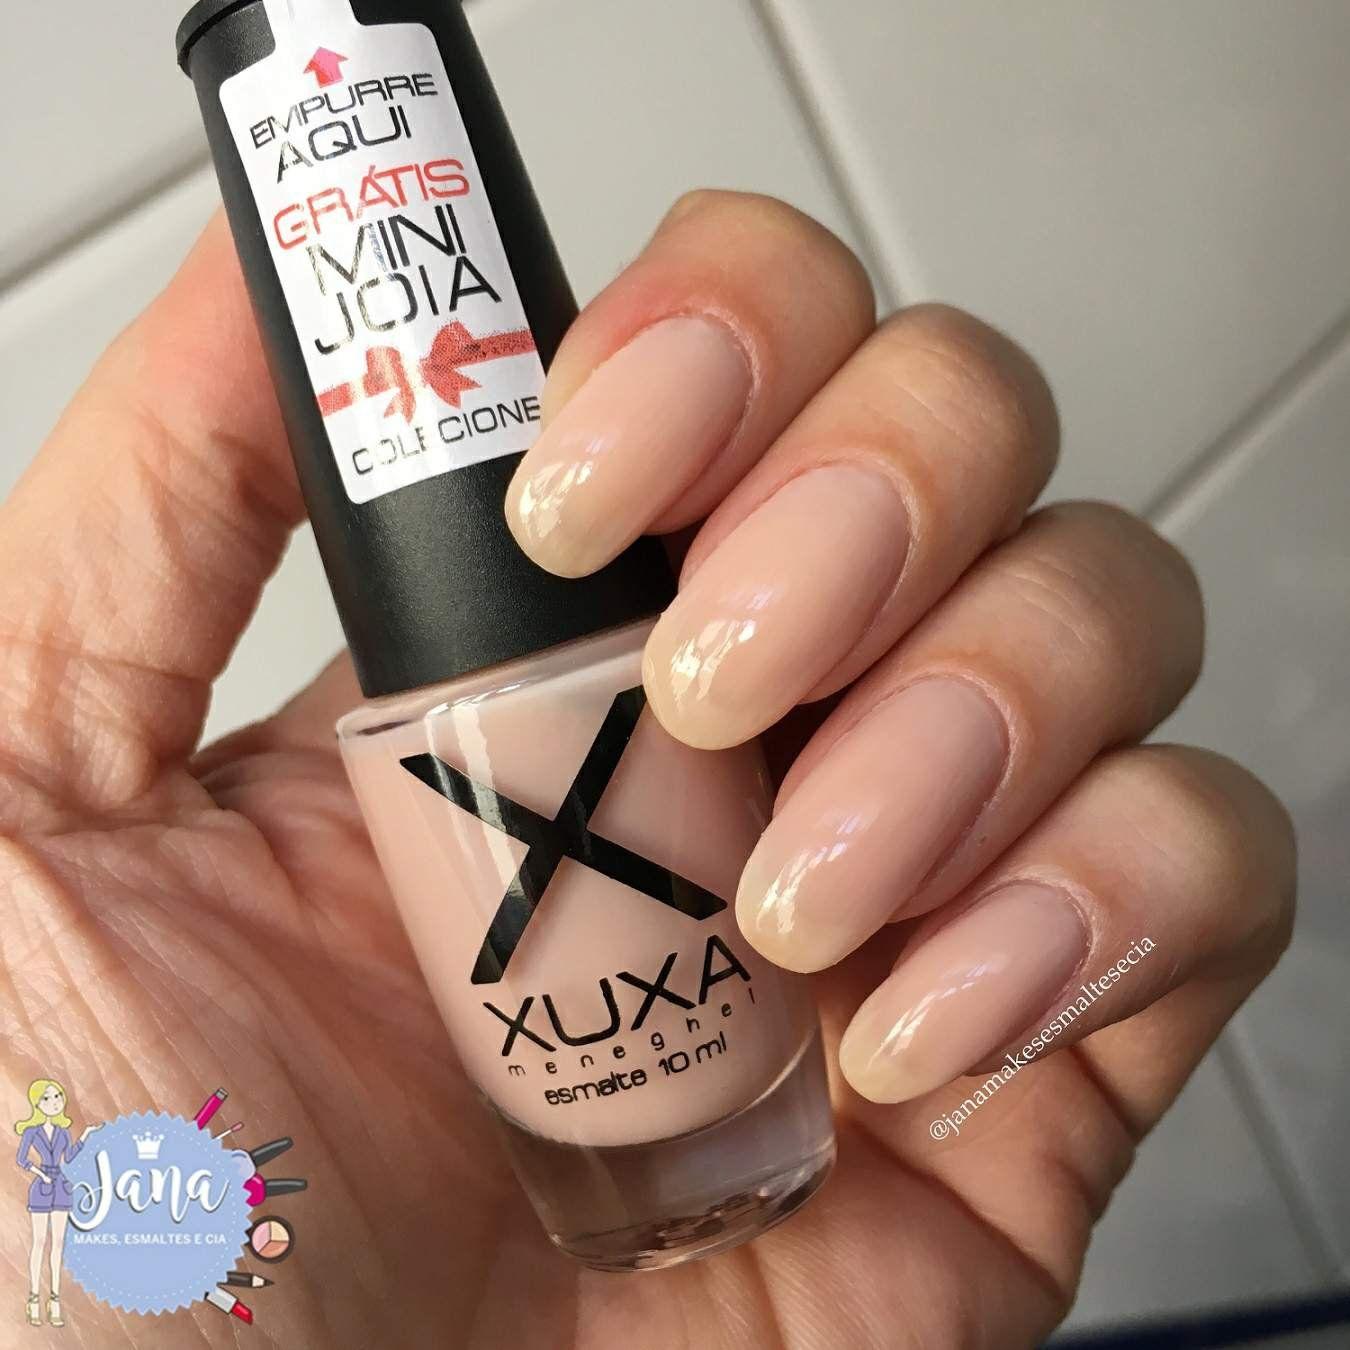 Esmalte Xuxa Meneghel 10ml - Guria